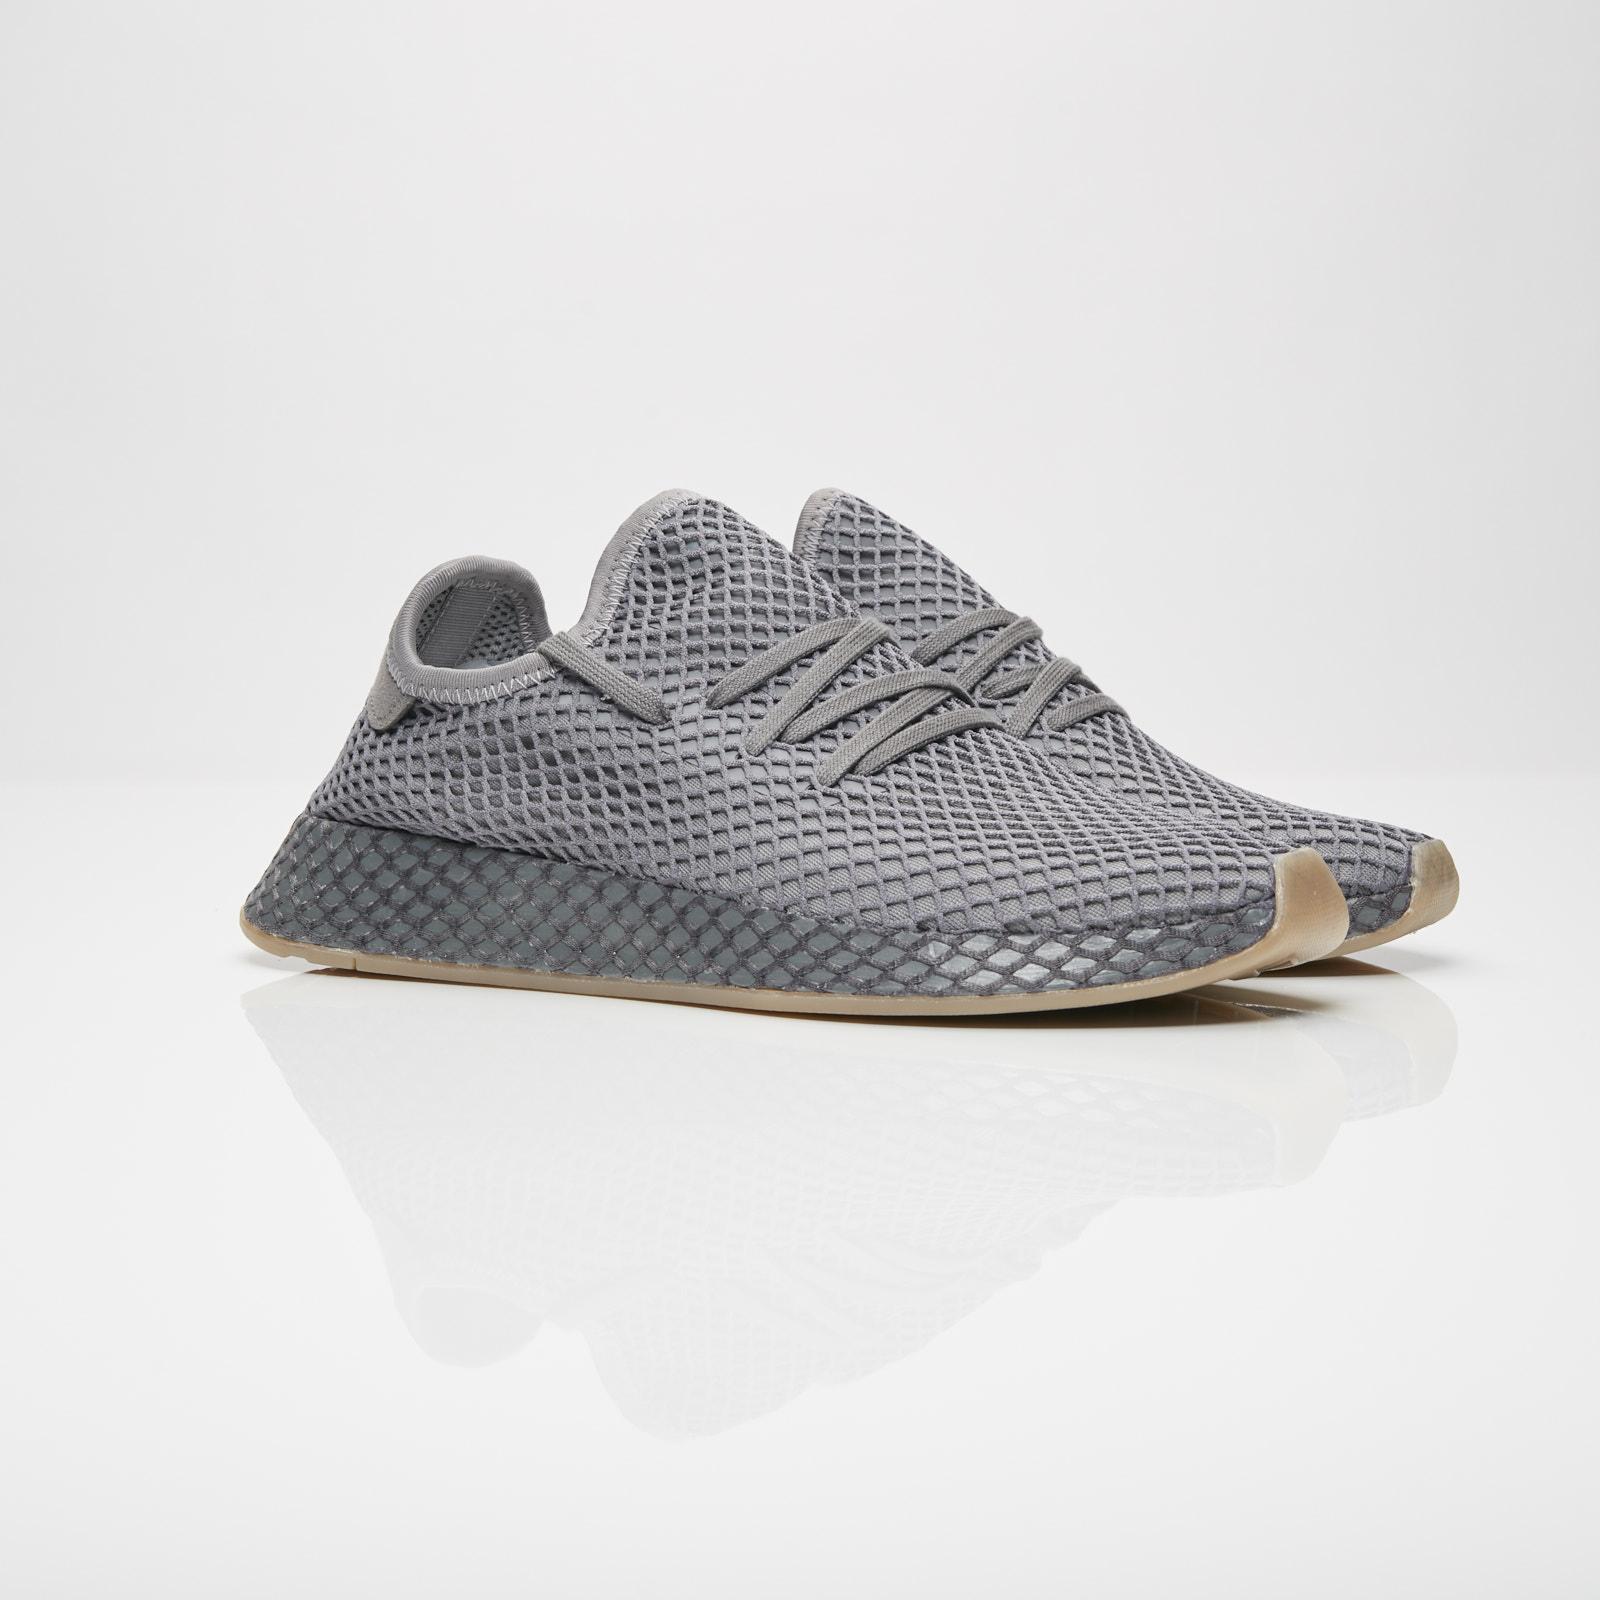 Adidas Sneakers Cq2627 Runner Sneakersnstuff Deerupt I OPXZiuk